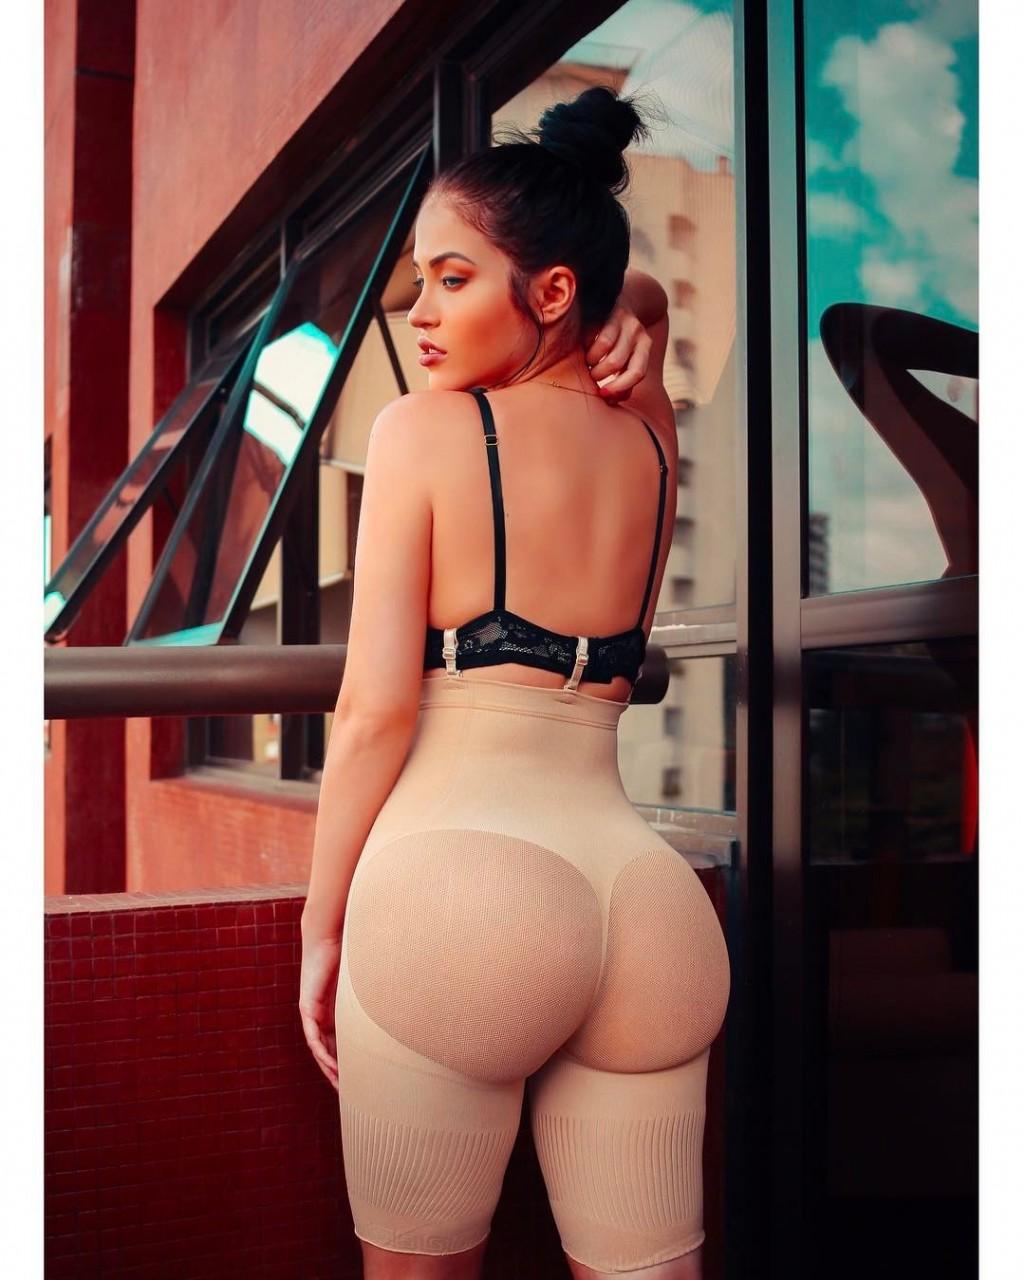 Claudia Allende: clone Megan Fox from Instagram